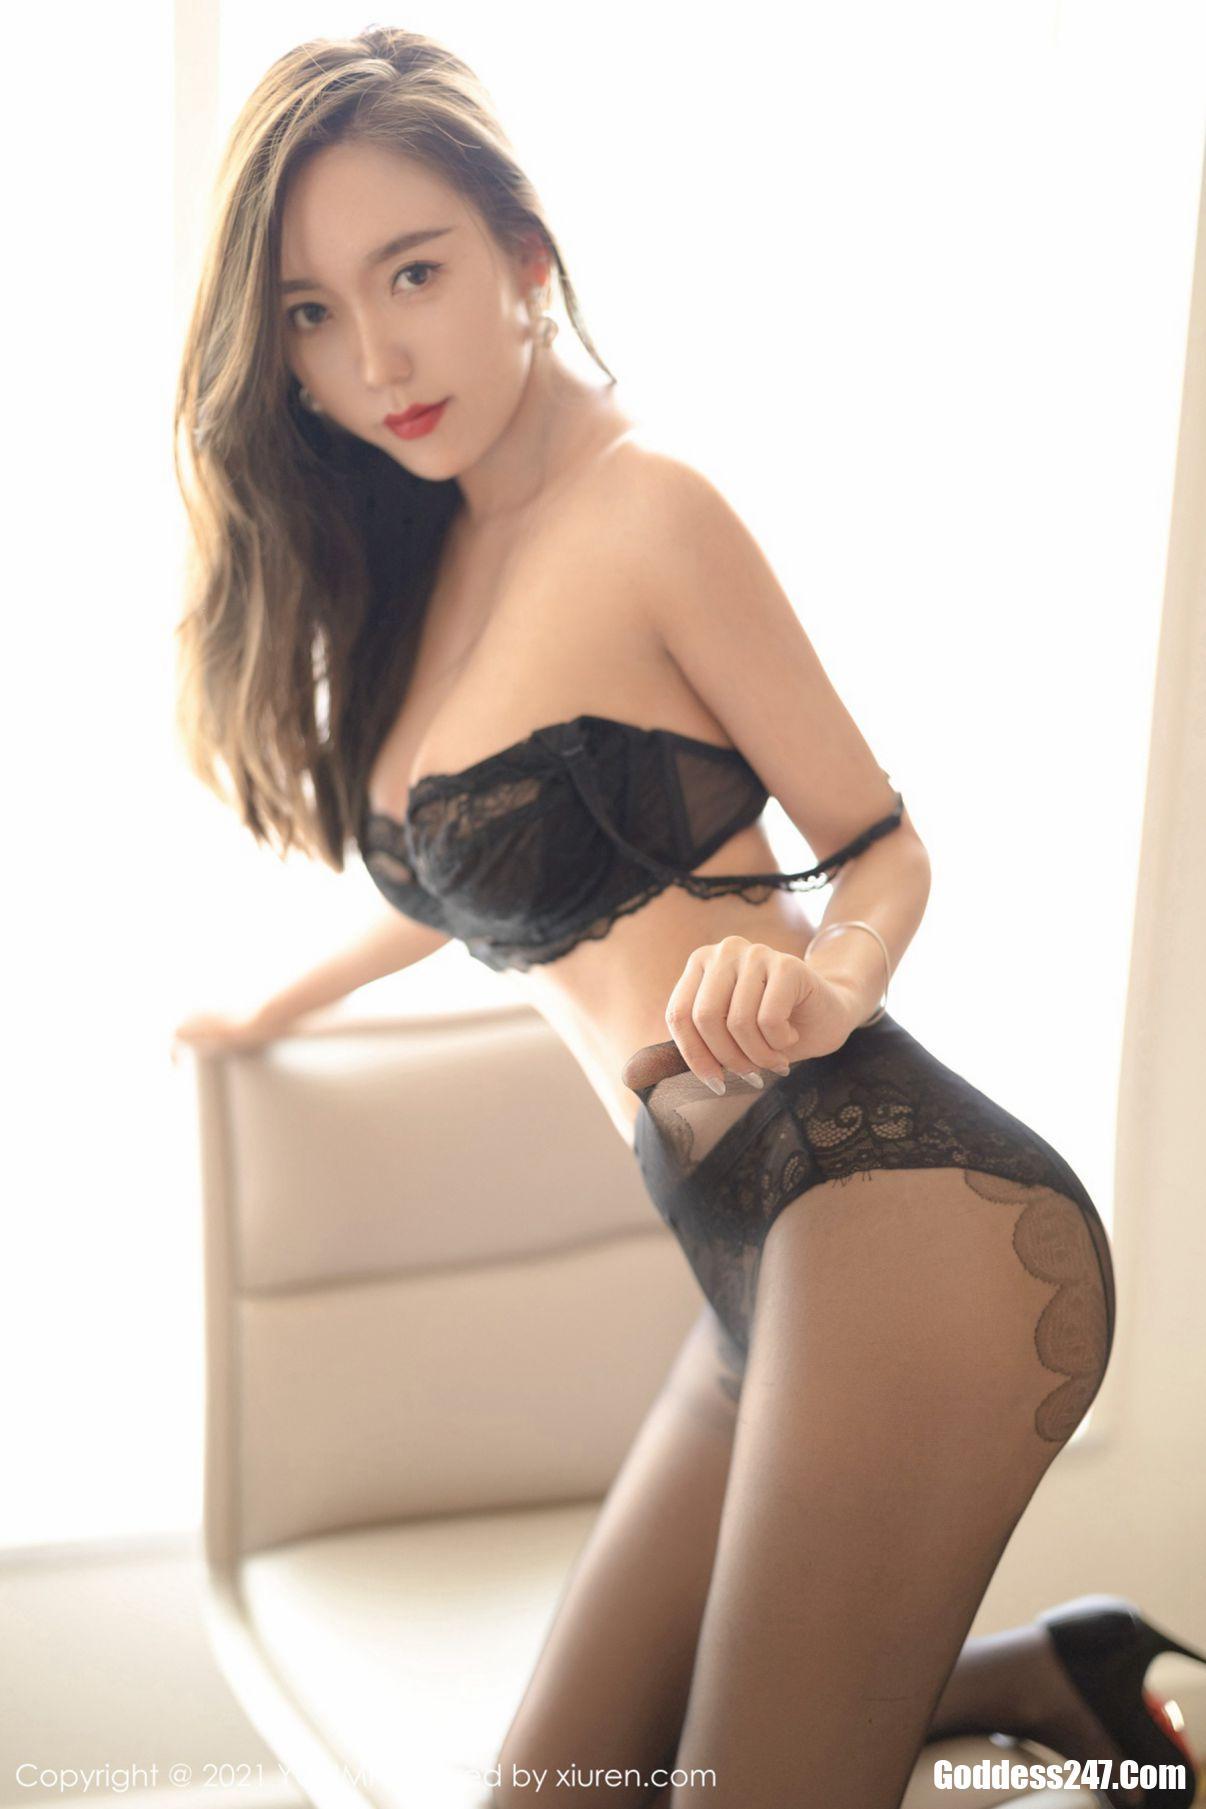 艾静香, YouMi尤蜜荟 Vol.643 艾静香, YouMi尤蜜荟 Vol.643, Ai Jing Xiang